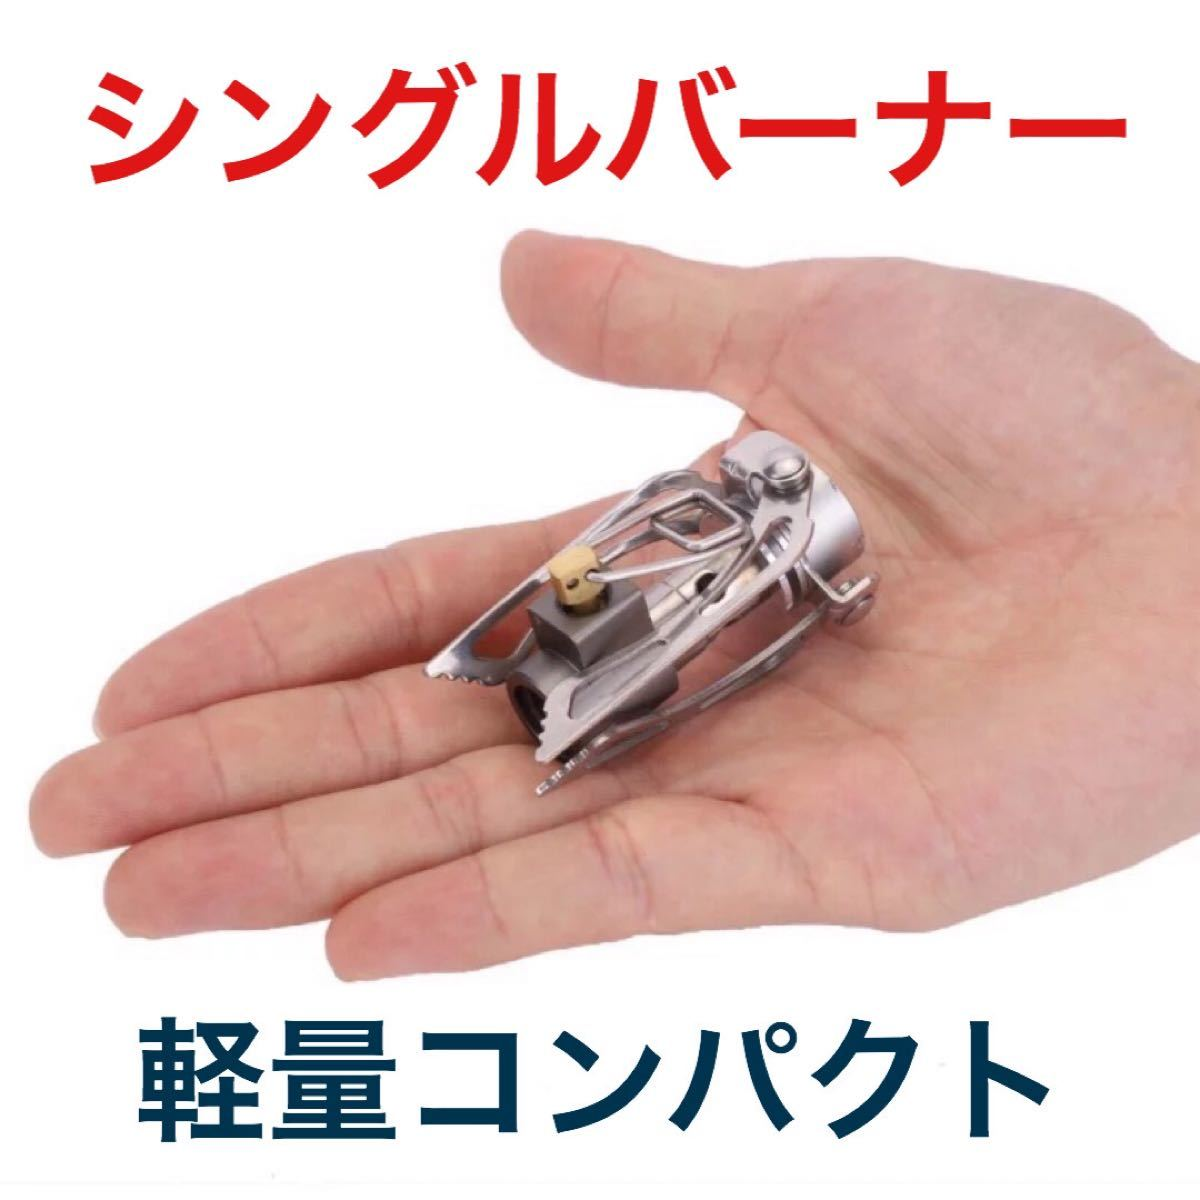 ガスバーナー コンパクト 携帯 小型 シングルバーナー